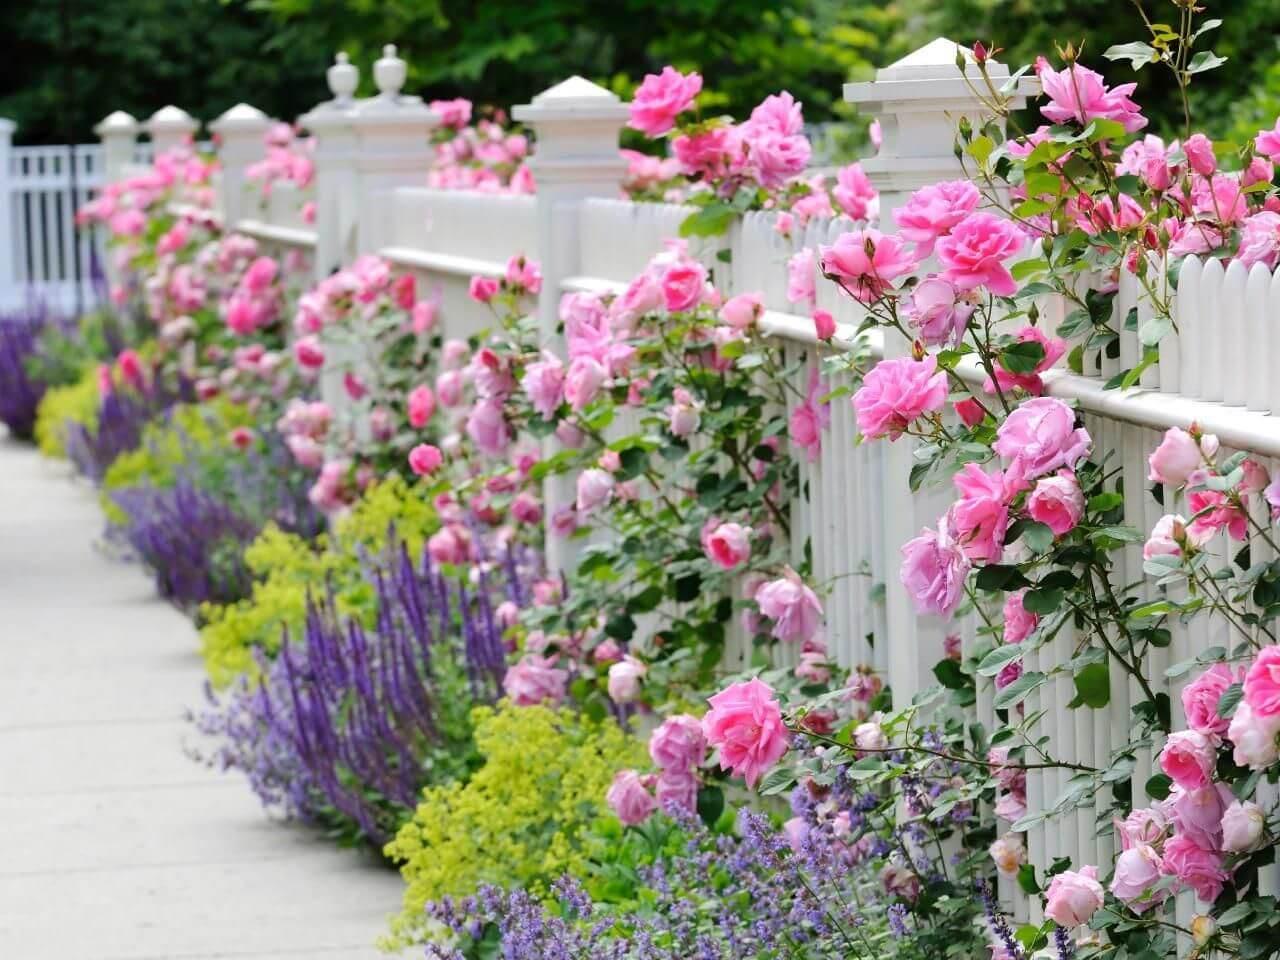 גדר ורדים גינה מעוצבת